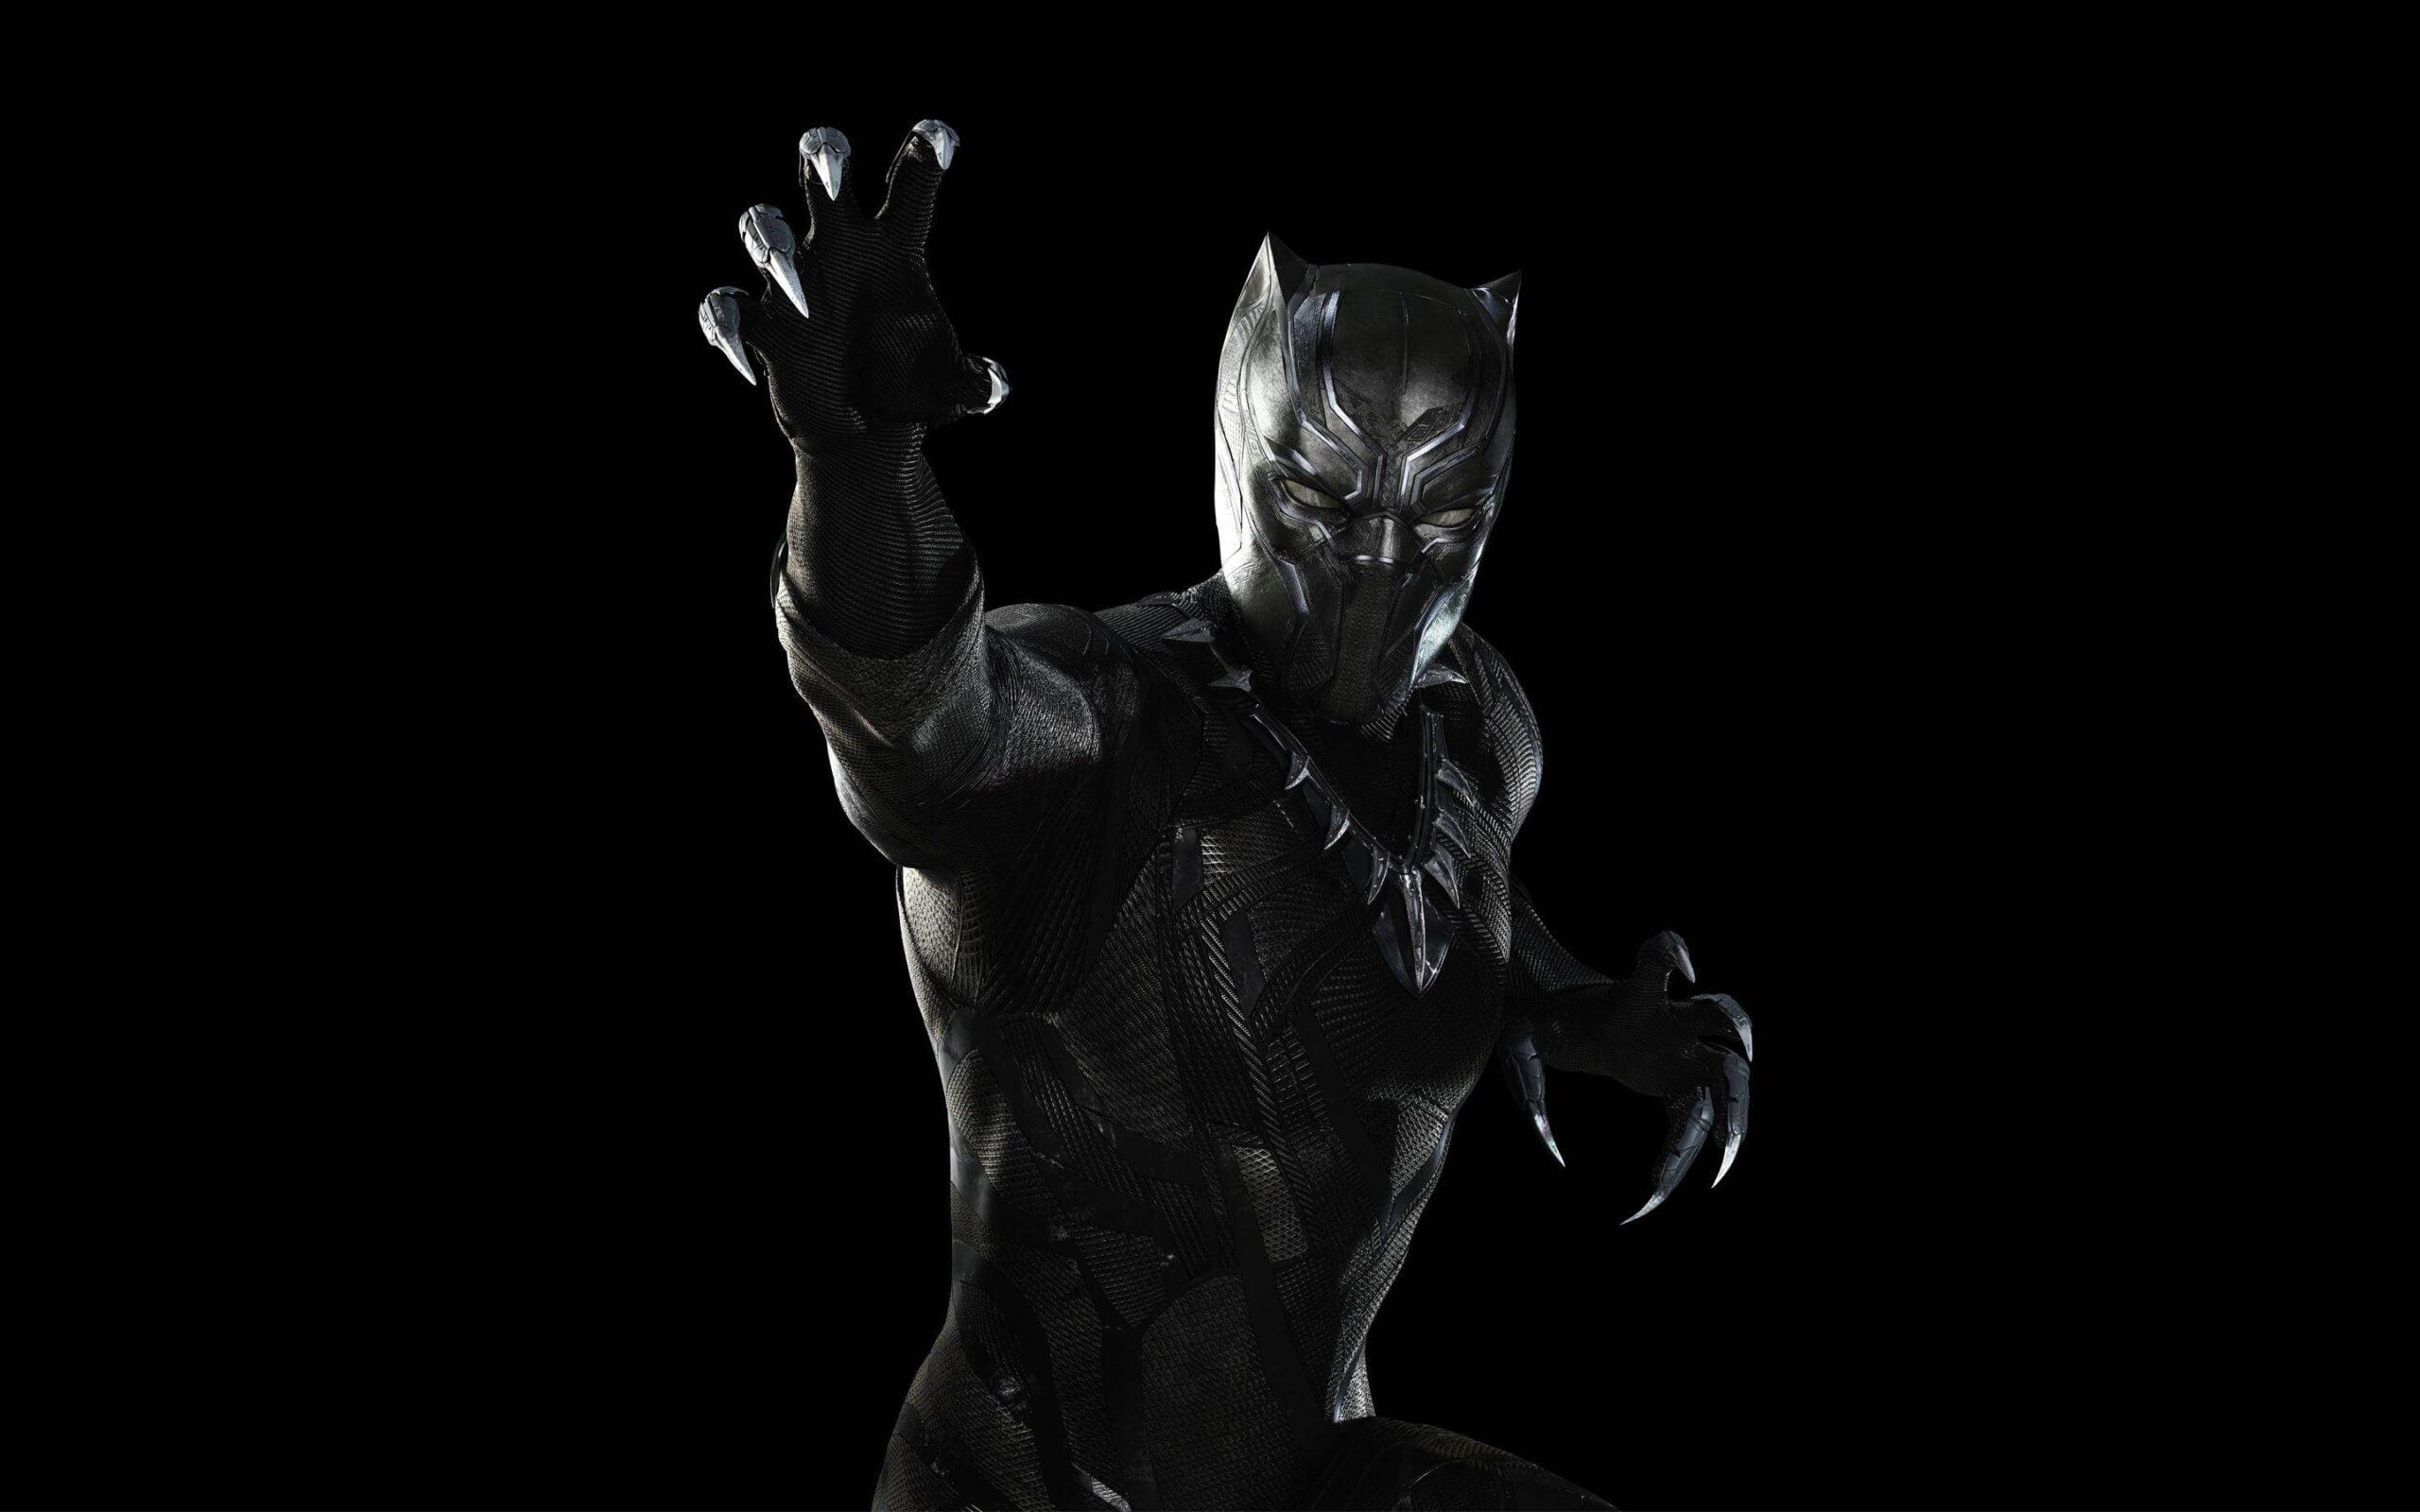 black panther wallpaper hd 1080p